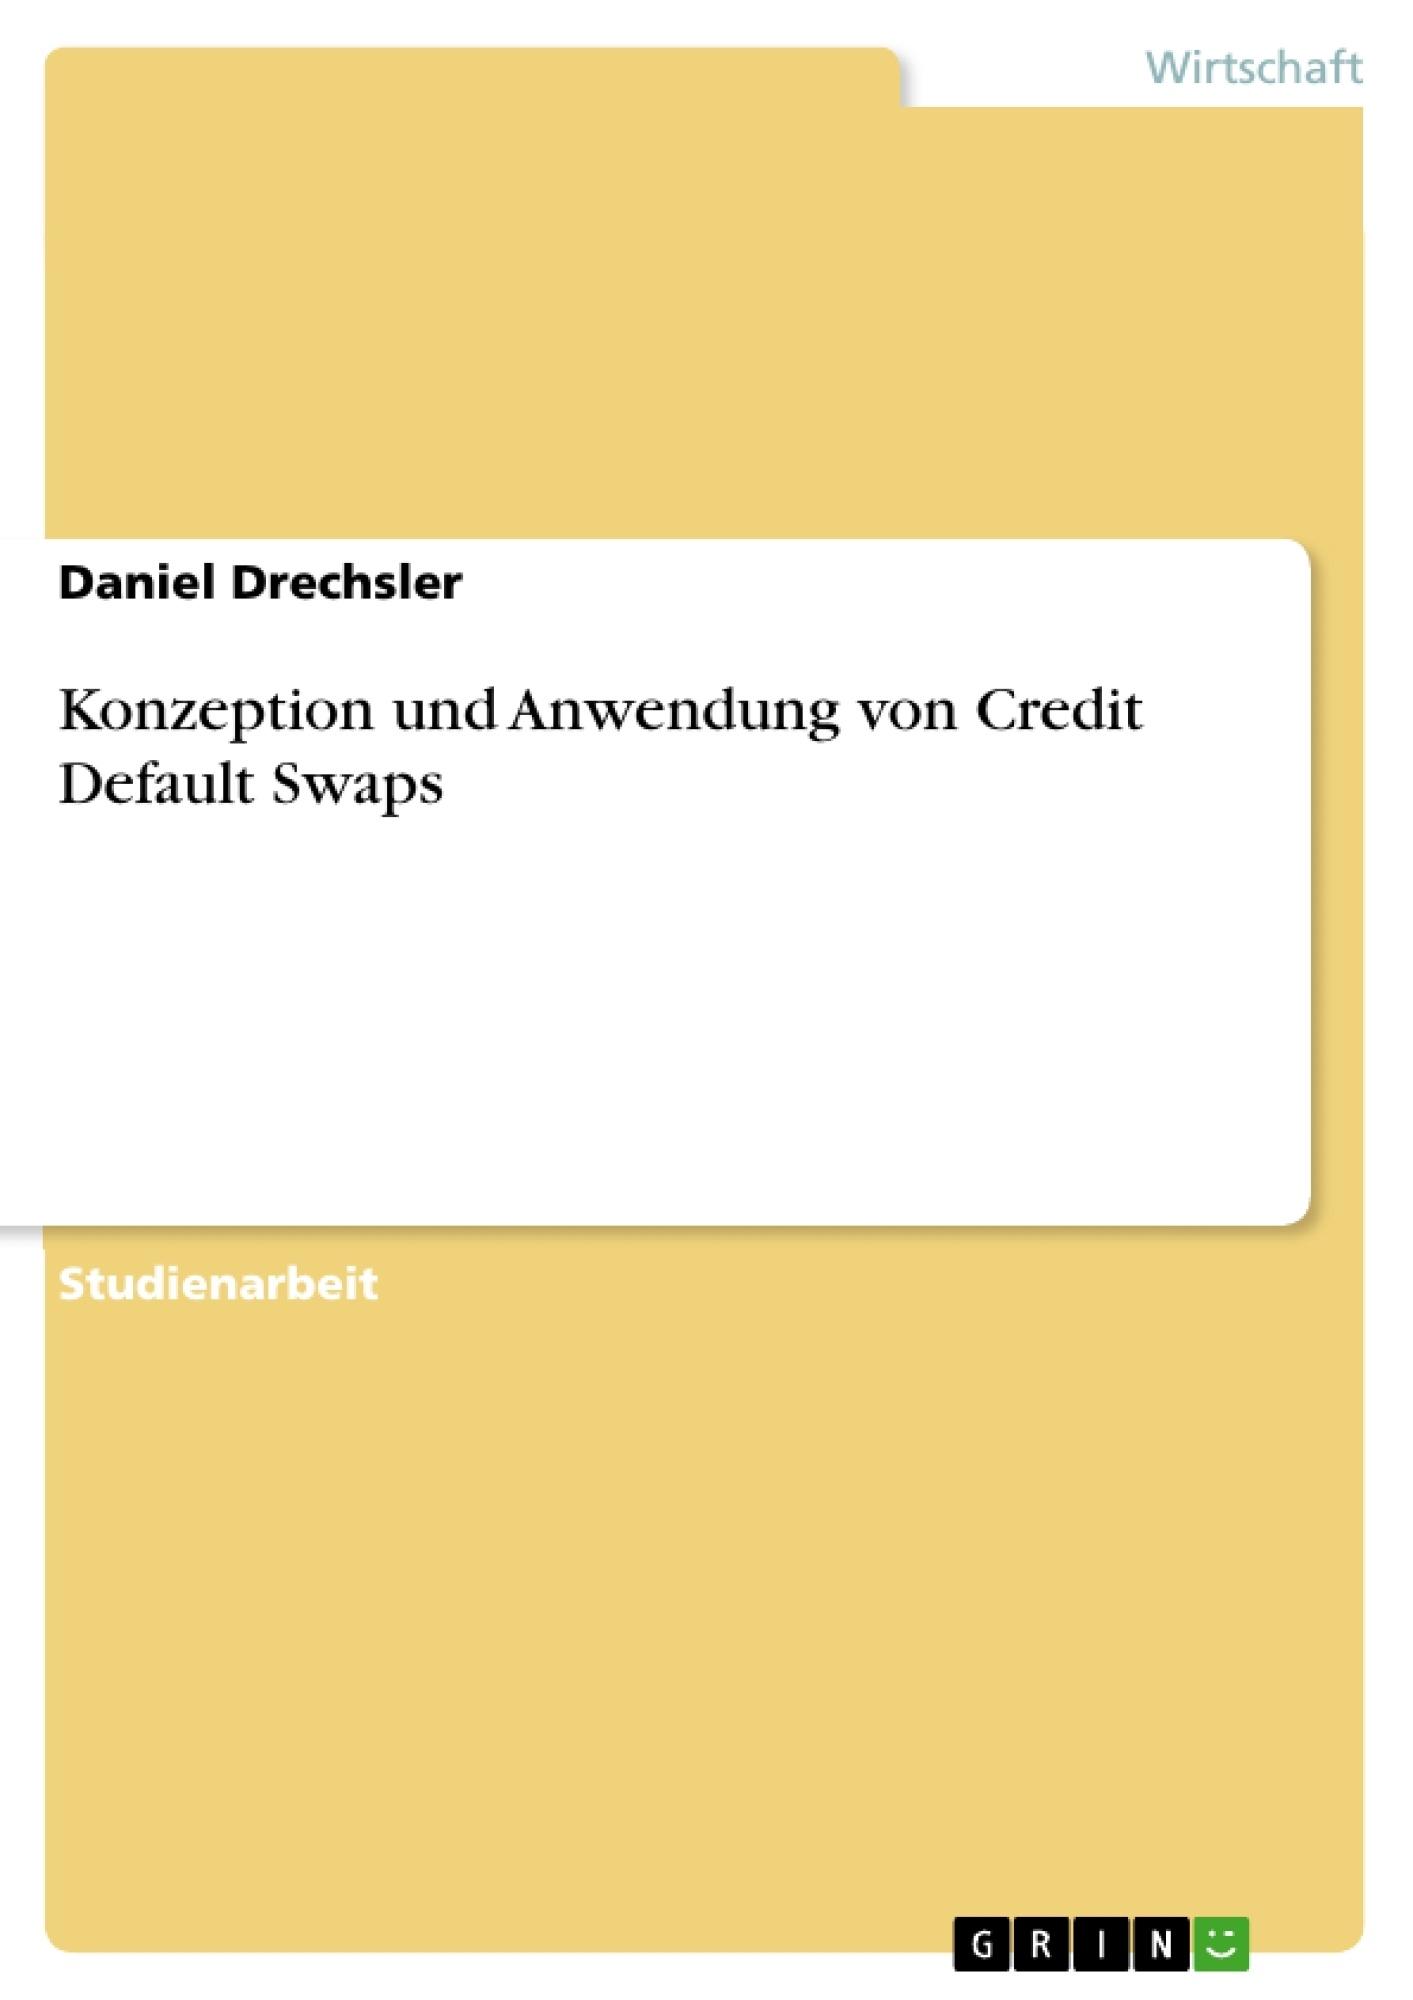 Titel: Konzeption und Anwendung von Credit Default Swaps